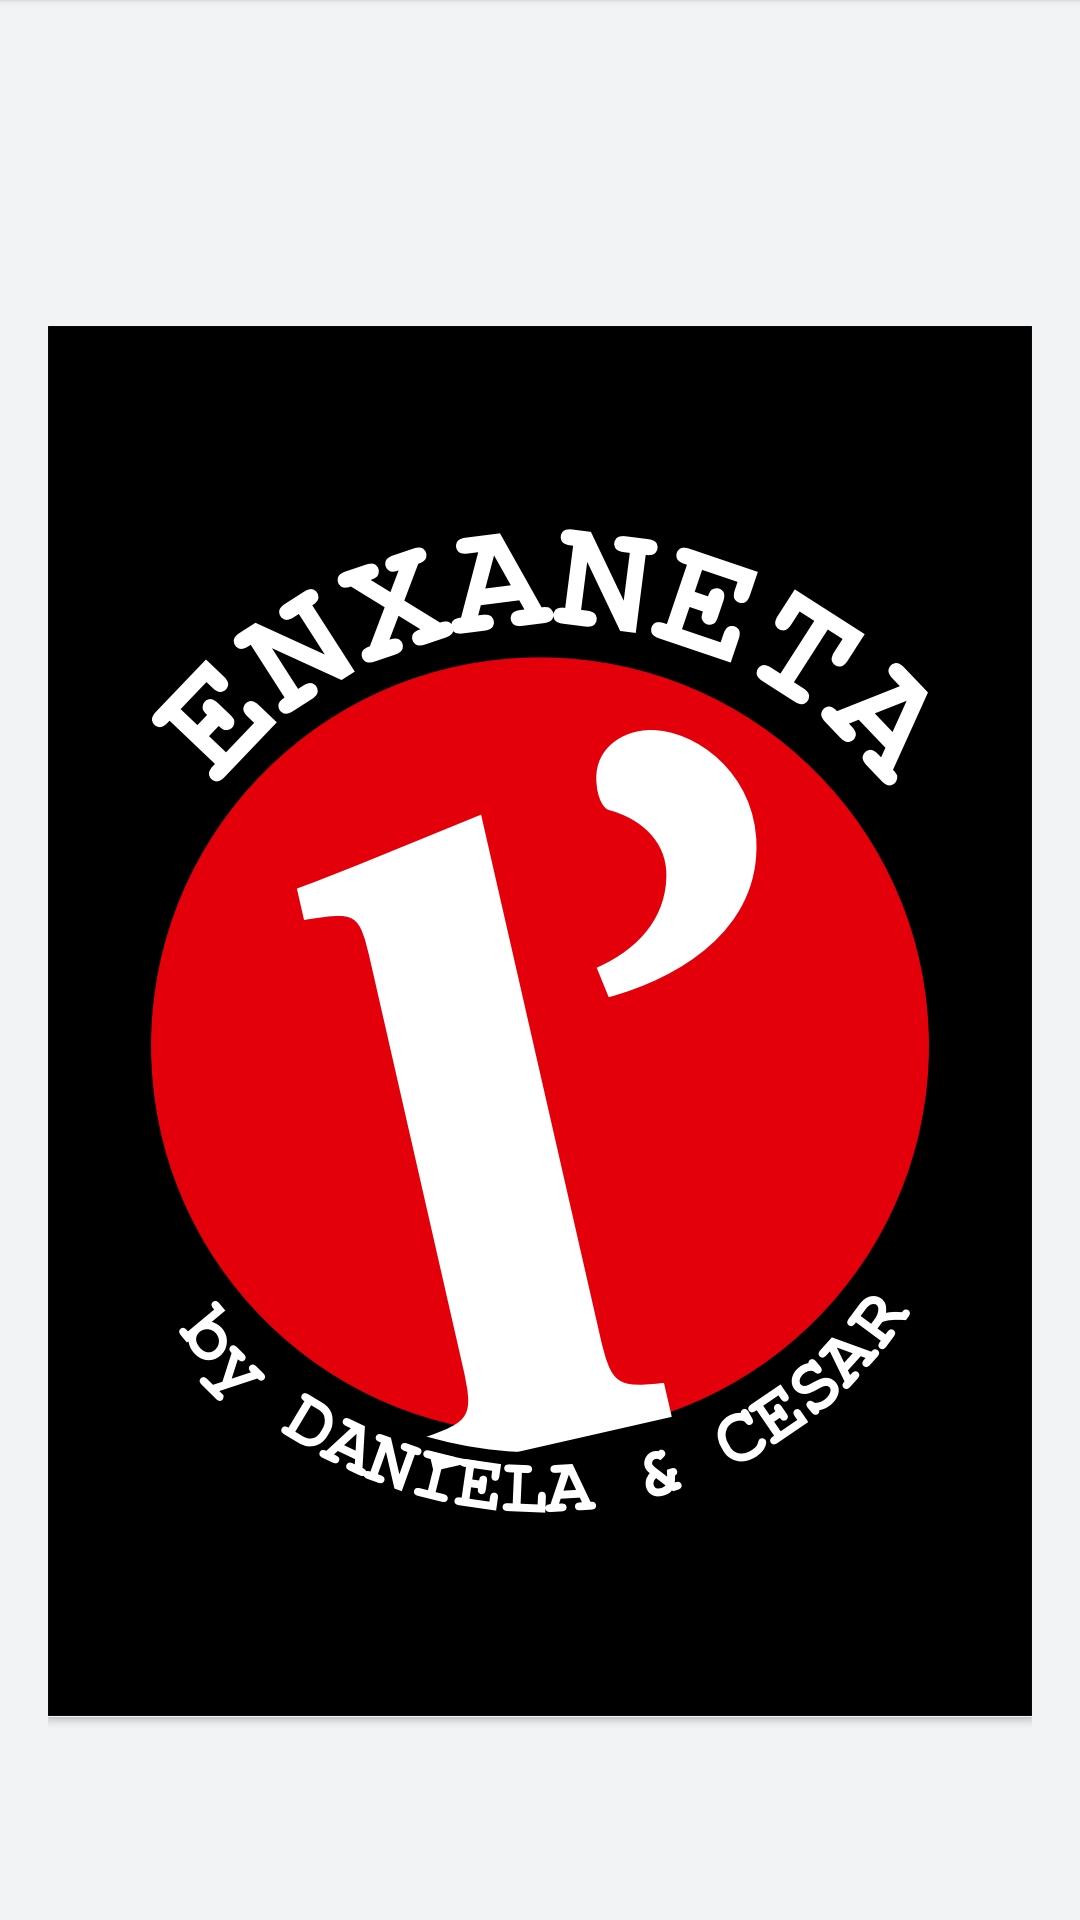 L'Enxaneta Vendrell